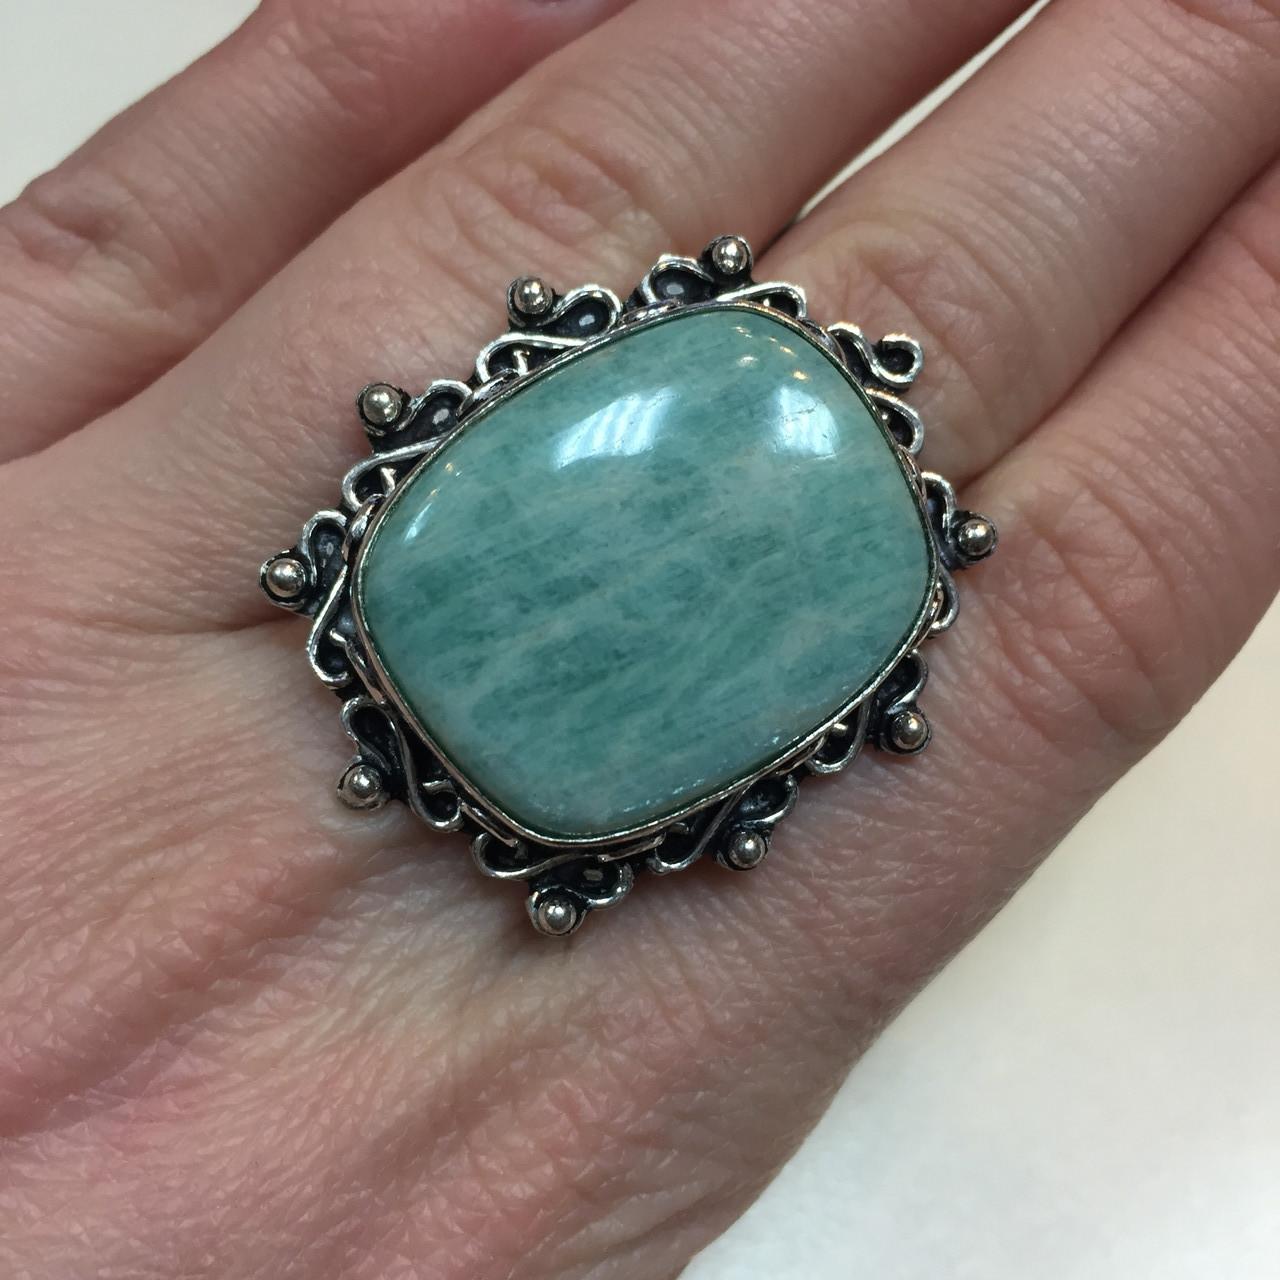 Амазонит кольцо с натуральным амазонитом в серебре 18 размер Индия